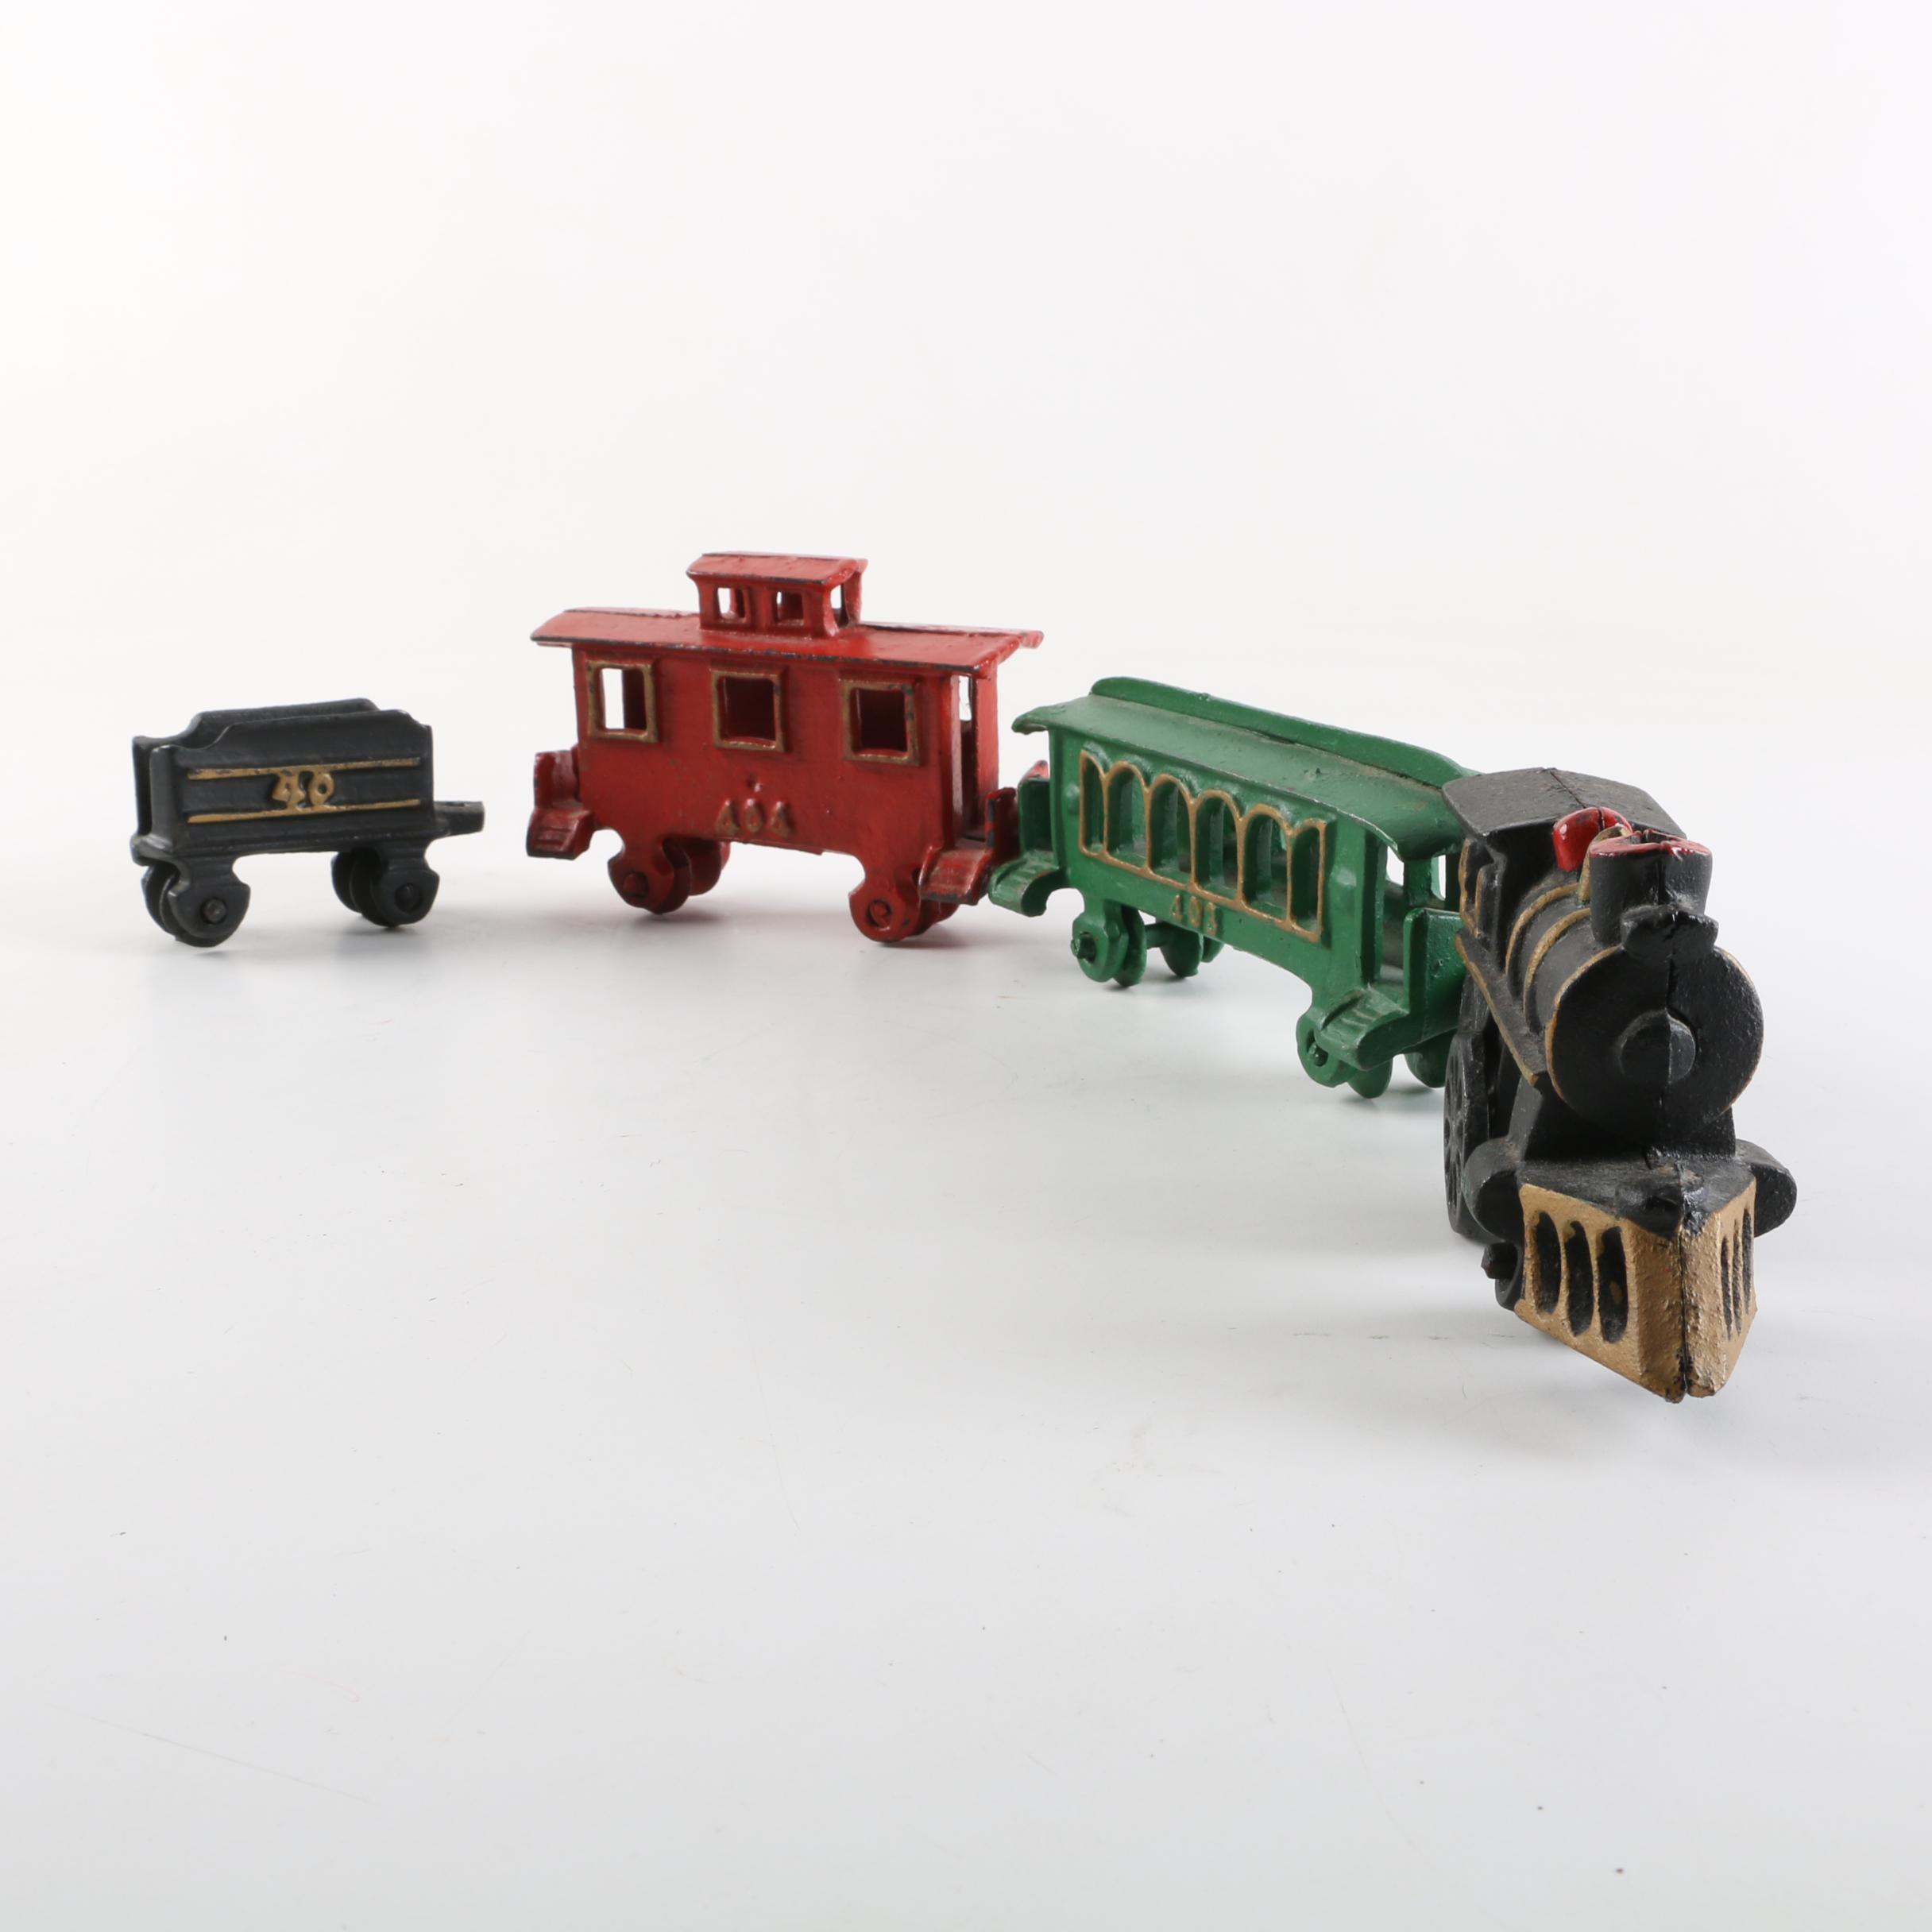 Vintage Cast Iron Toy Train Set